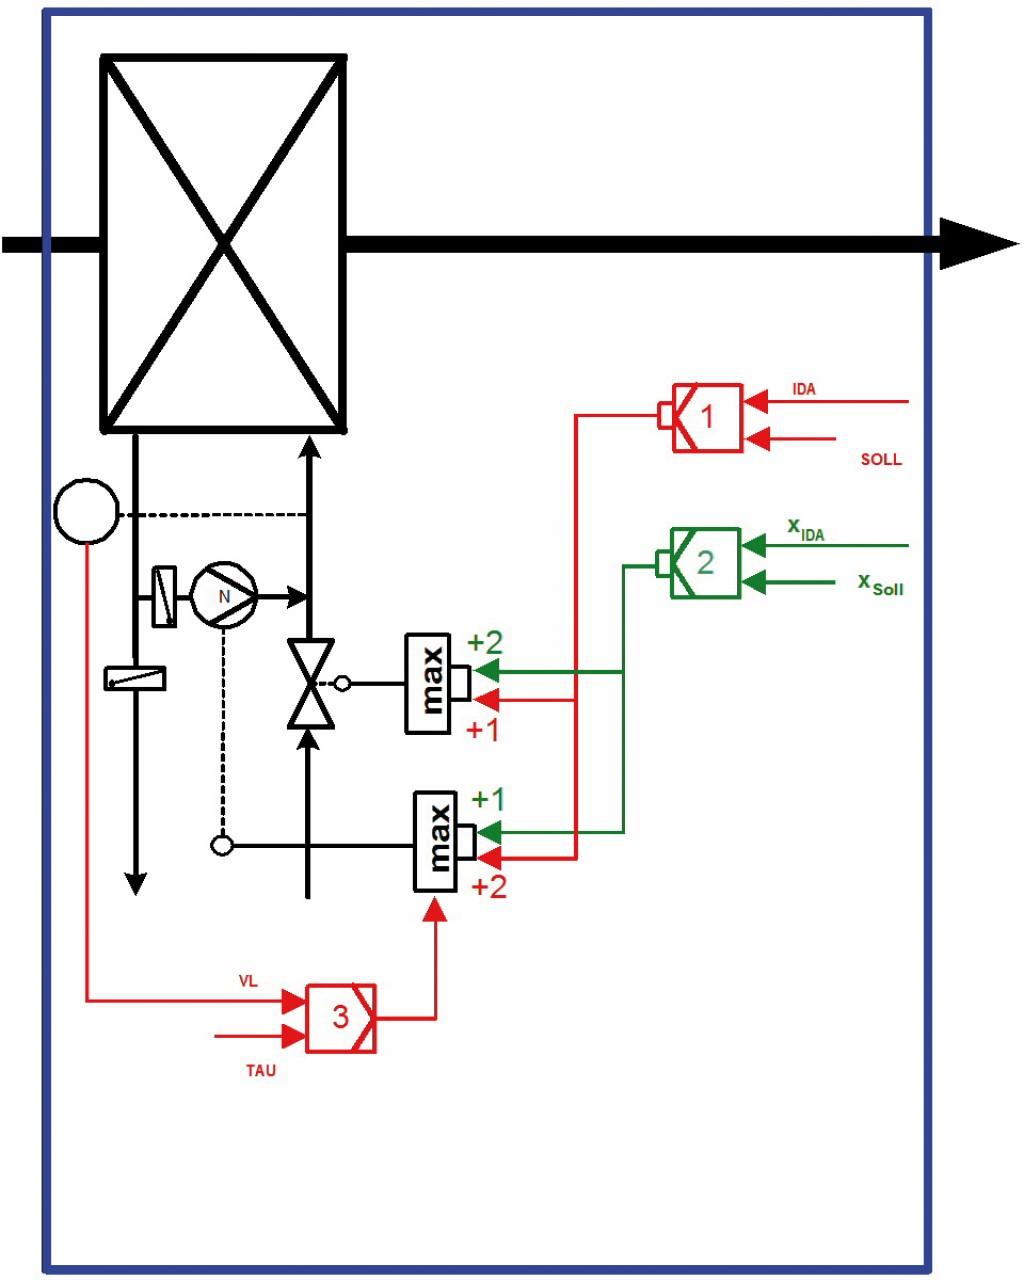 Schematische Darstellung der Regelung des Luftkühlers als OpDeCoLo (im blauen Rechteck) ohne Berücksichtigung der anderen Komponenten der RLT-Anlage. Bild: Feustel